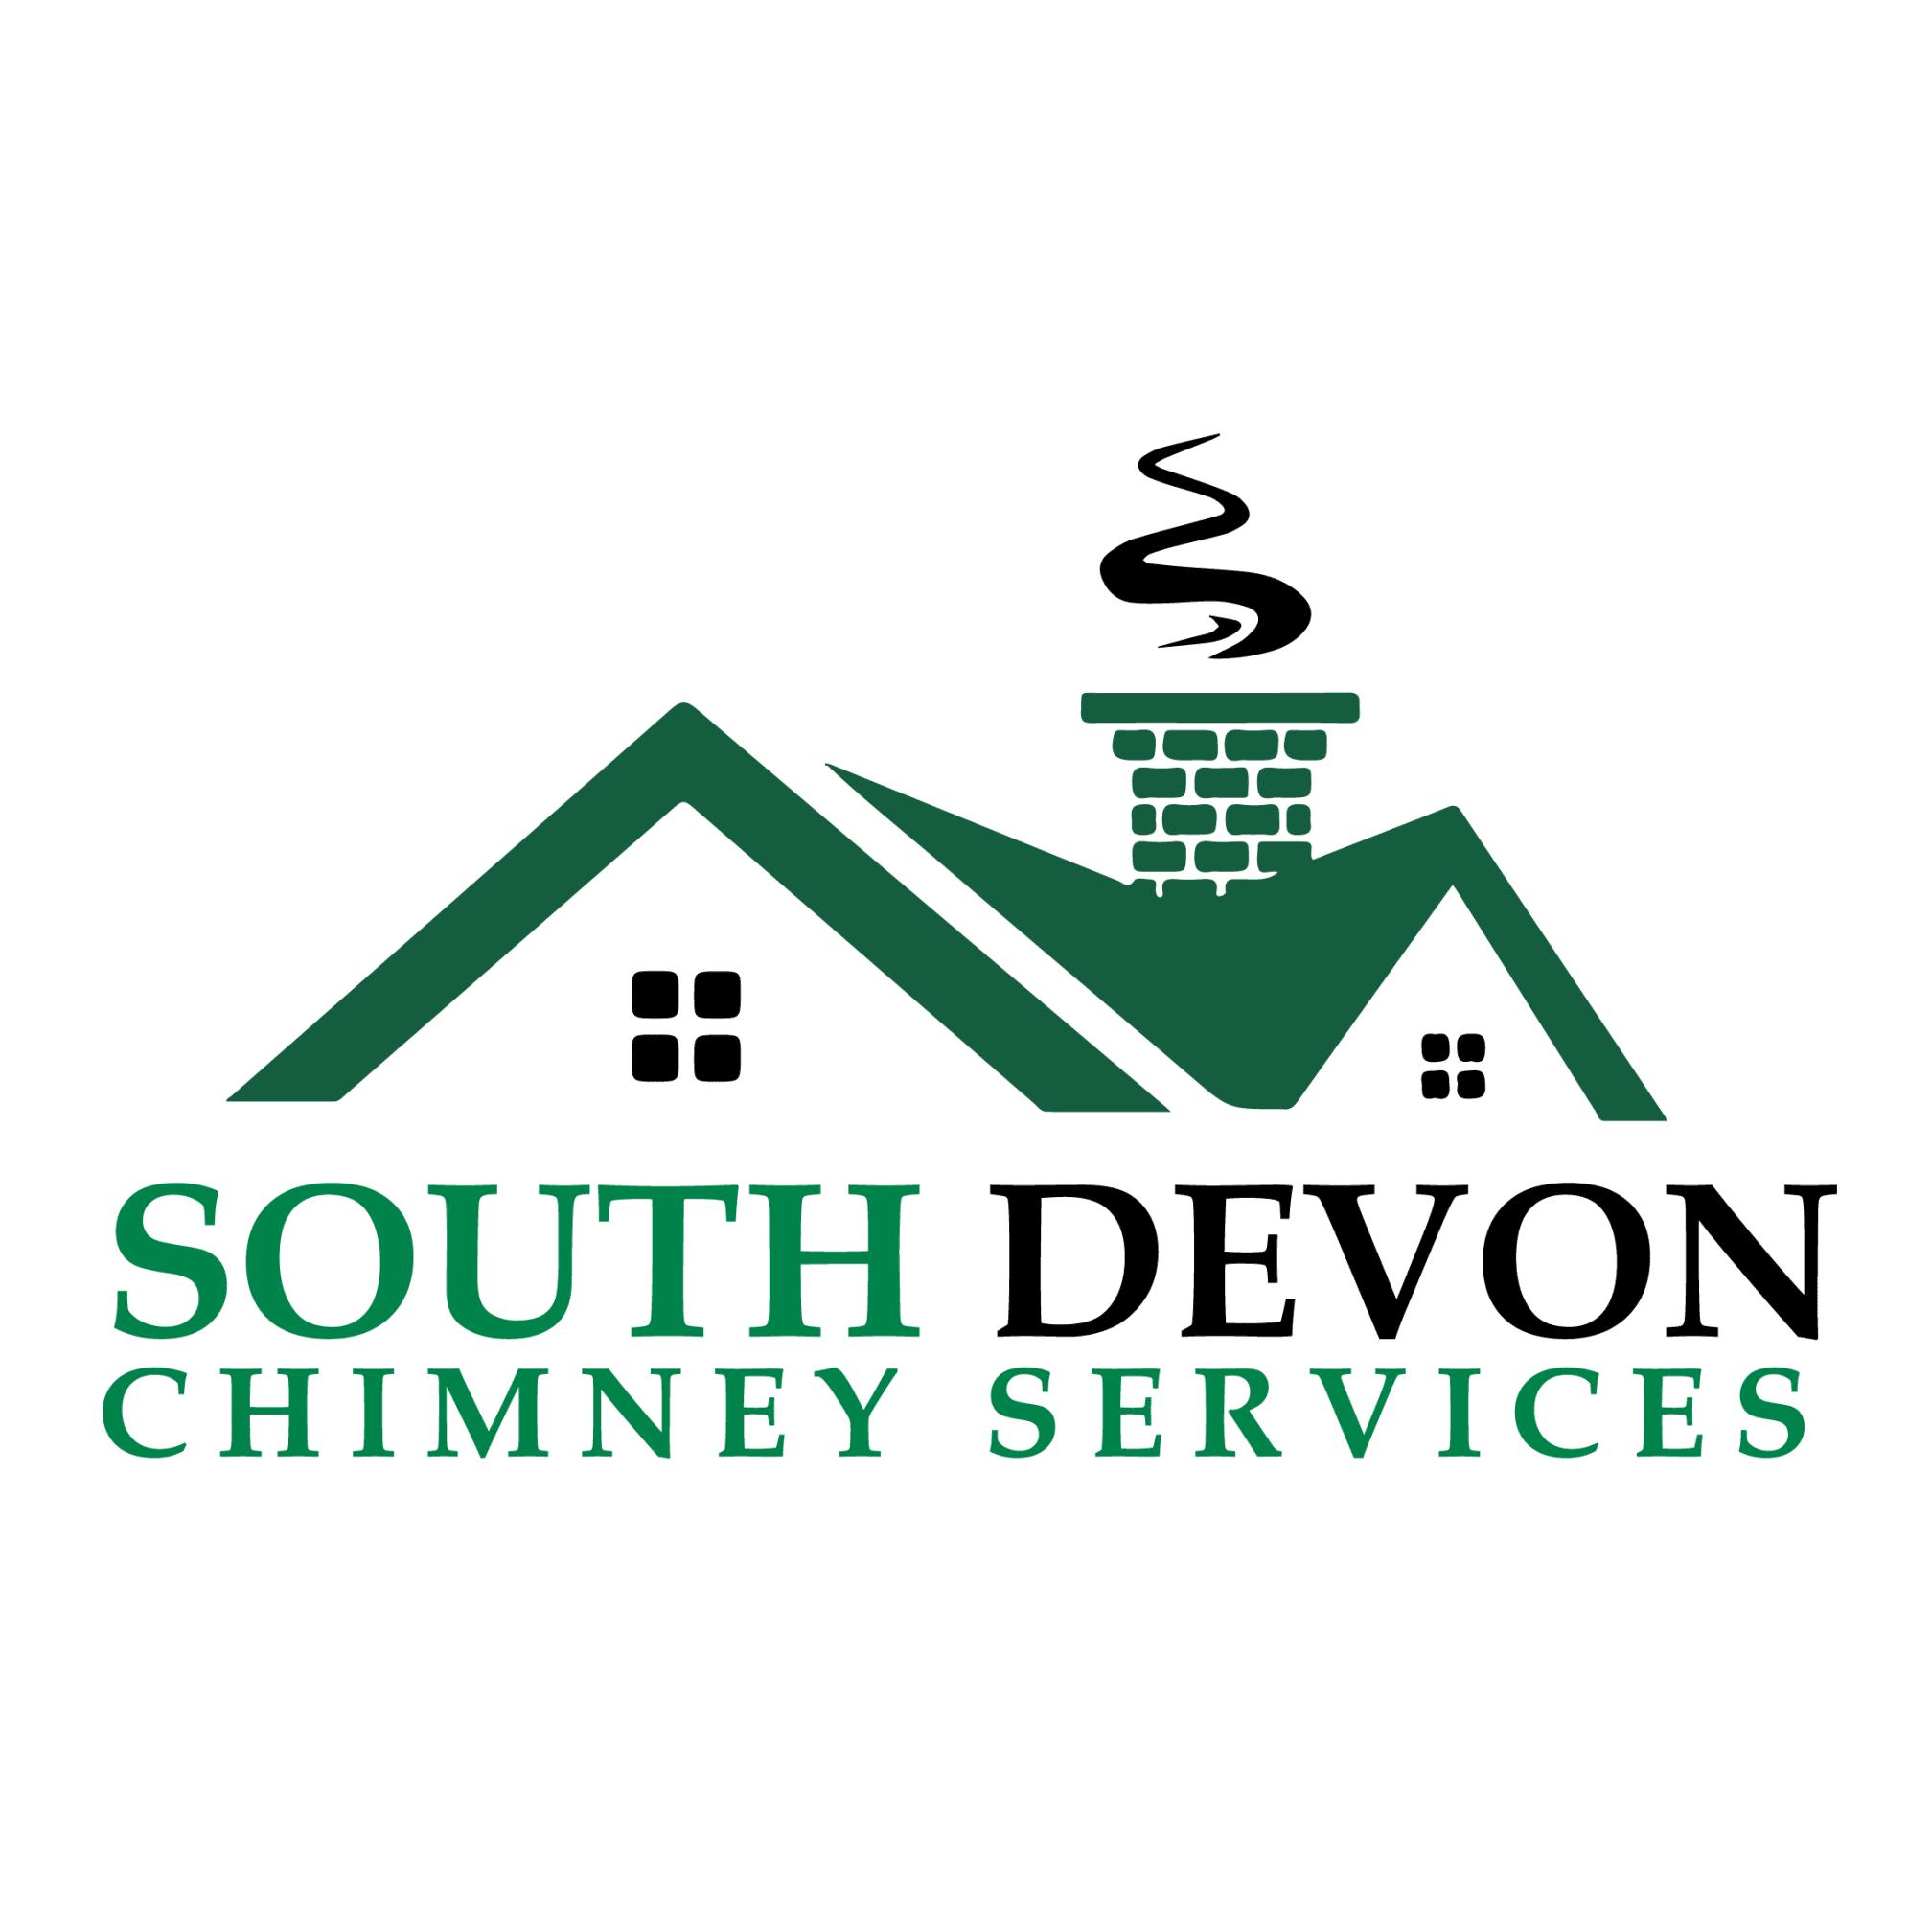 South Devon Chimney Services - Newton Abbot, Devon TQ12 1BZ - 07840 843128 | ShowMeLocal.com